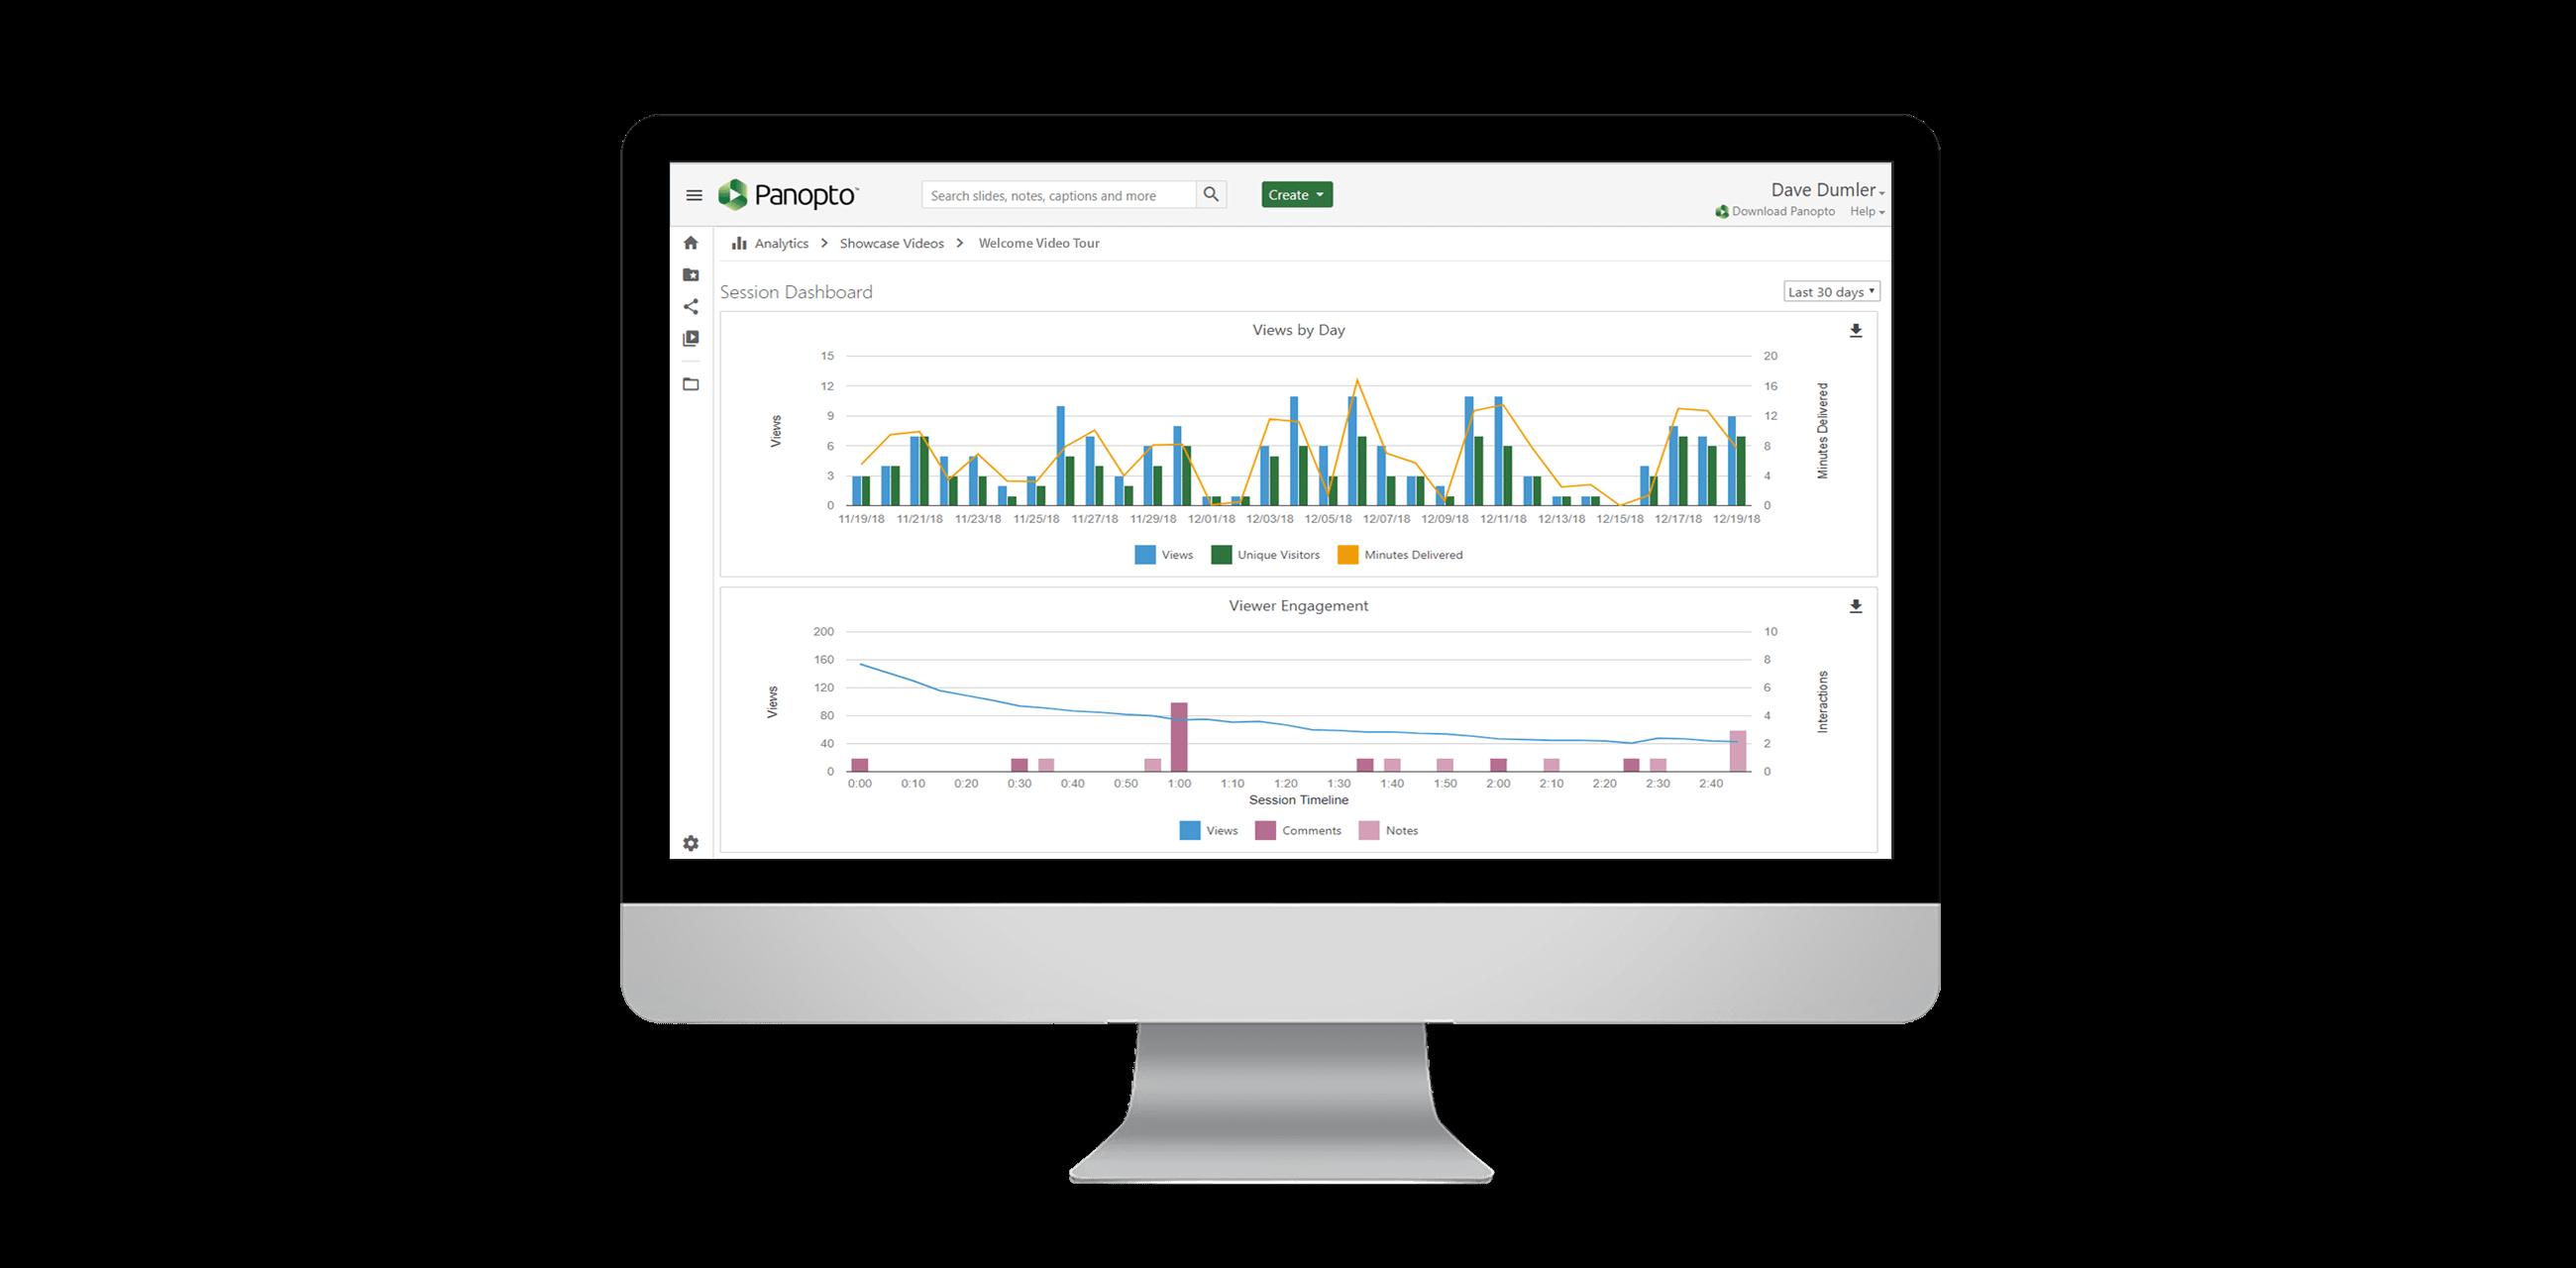 Panopto Video Analytics Dashboard